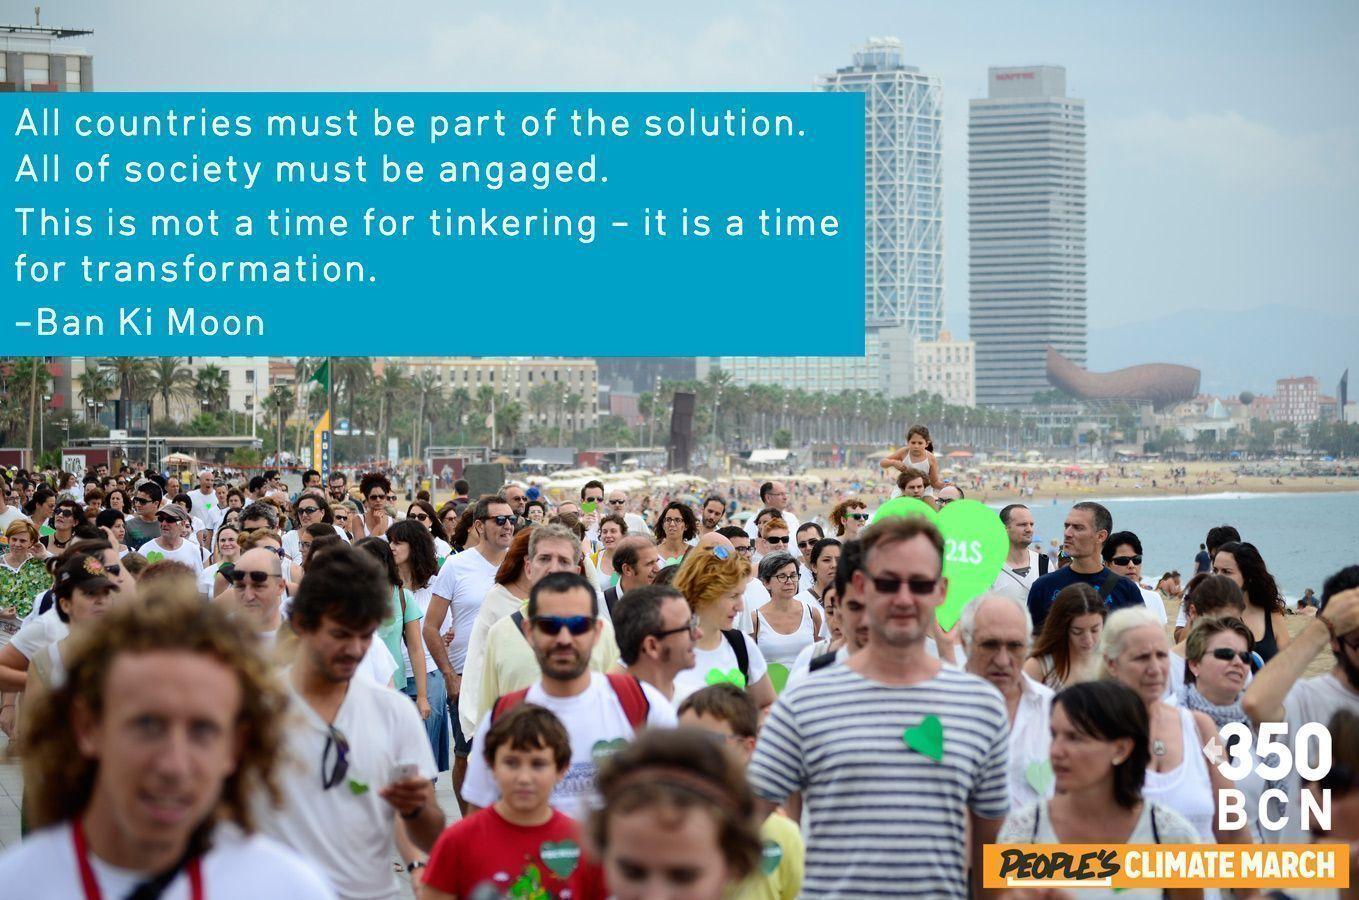 Todos los países deben ser parte de la solución. Toda la sociedad tiene que involucrarse. No es momento de bricolaje, sino de transformación